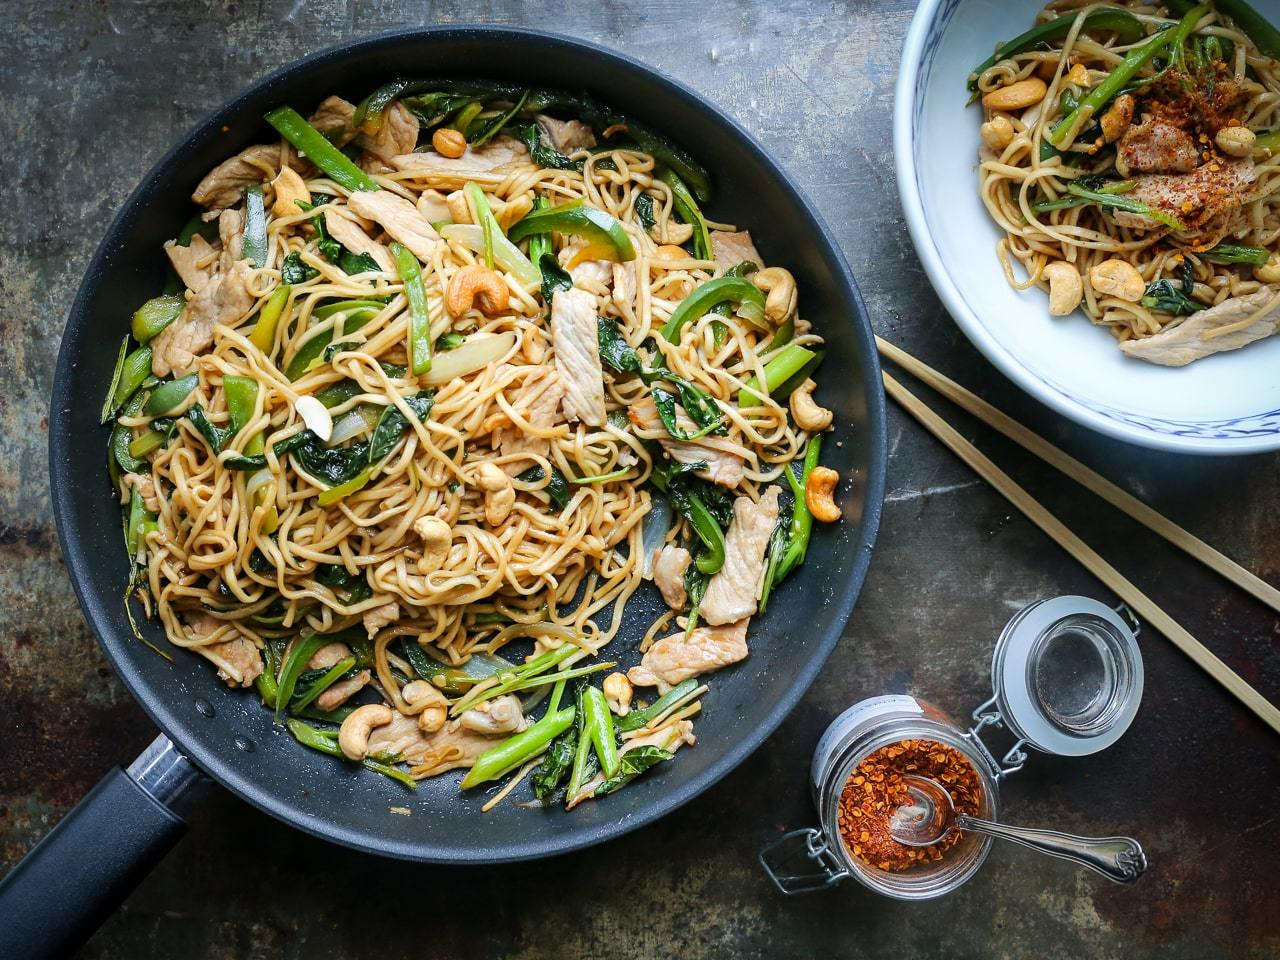 stegte nudler - hurtig asiatiske stegte ægnudler med broccoli, svinekød, peberfrugt og cashewnødder